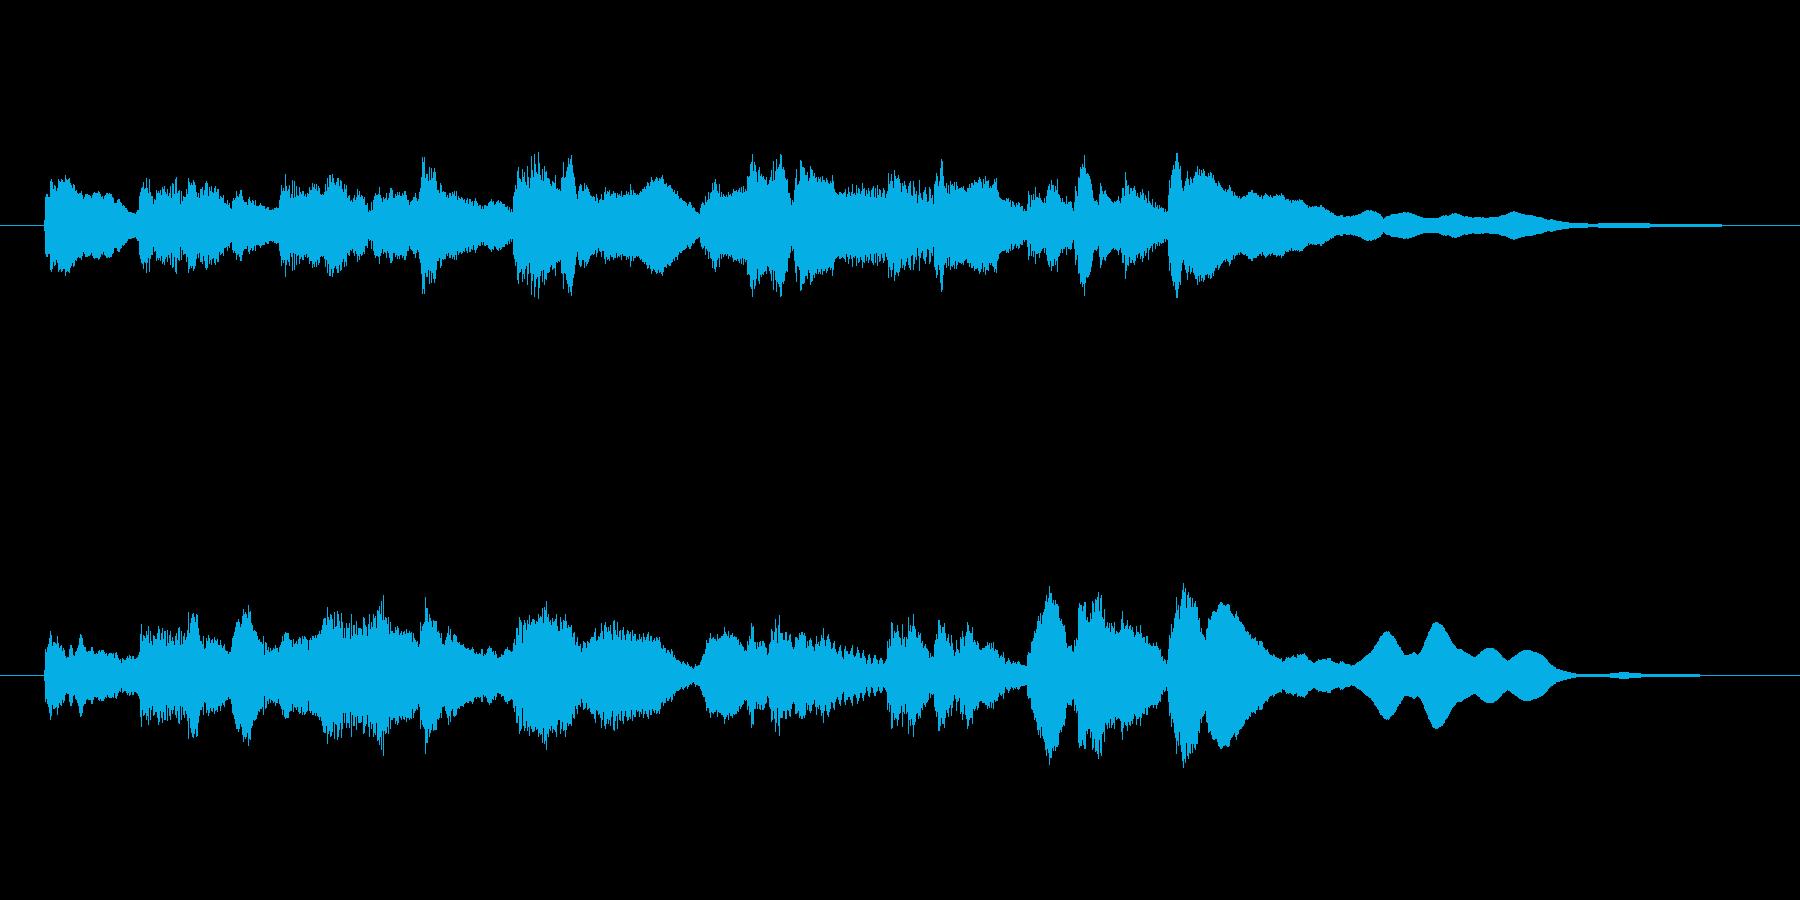 鉄道の到着メロディ(エレピ音)の再生済みの波形